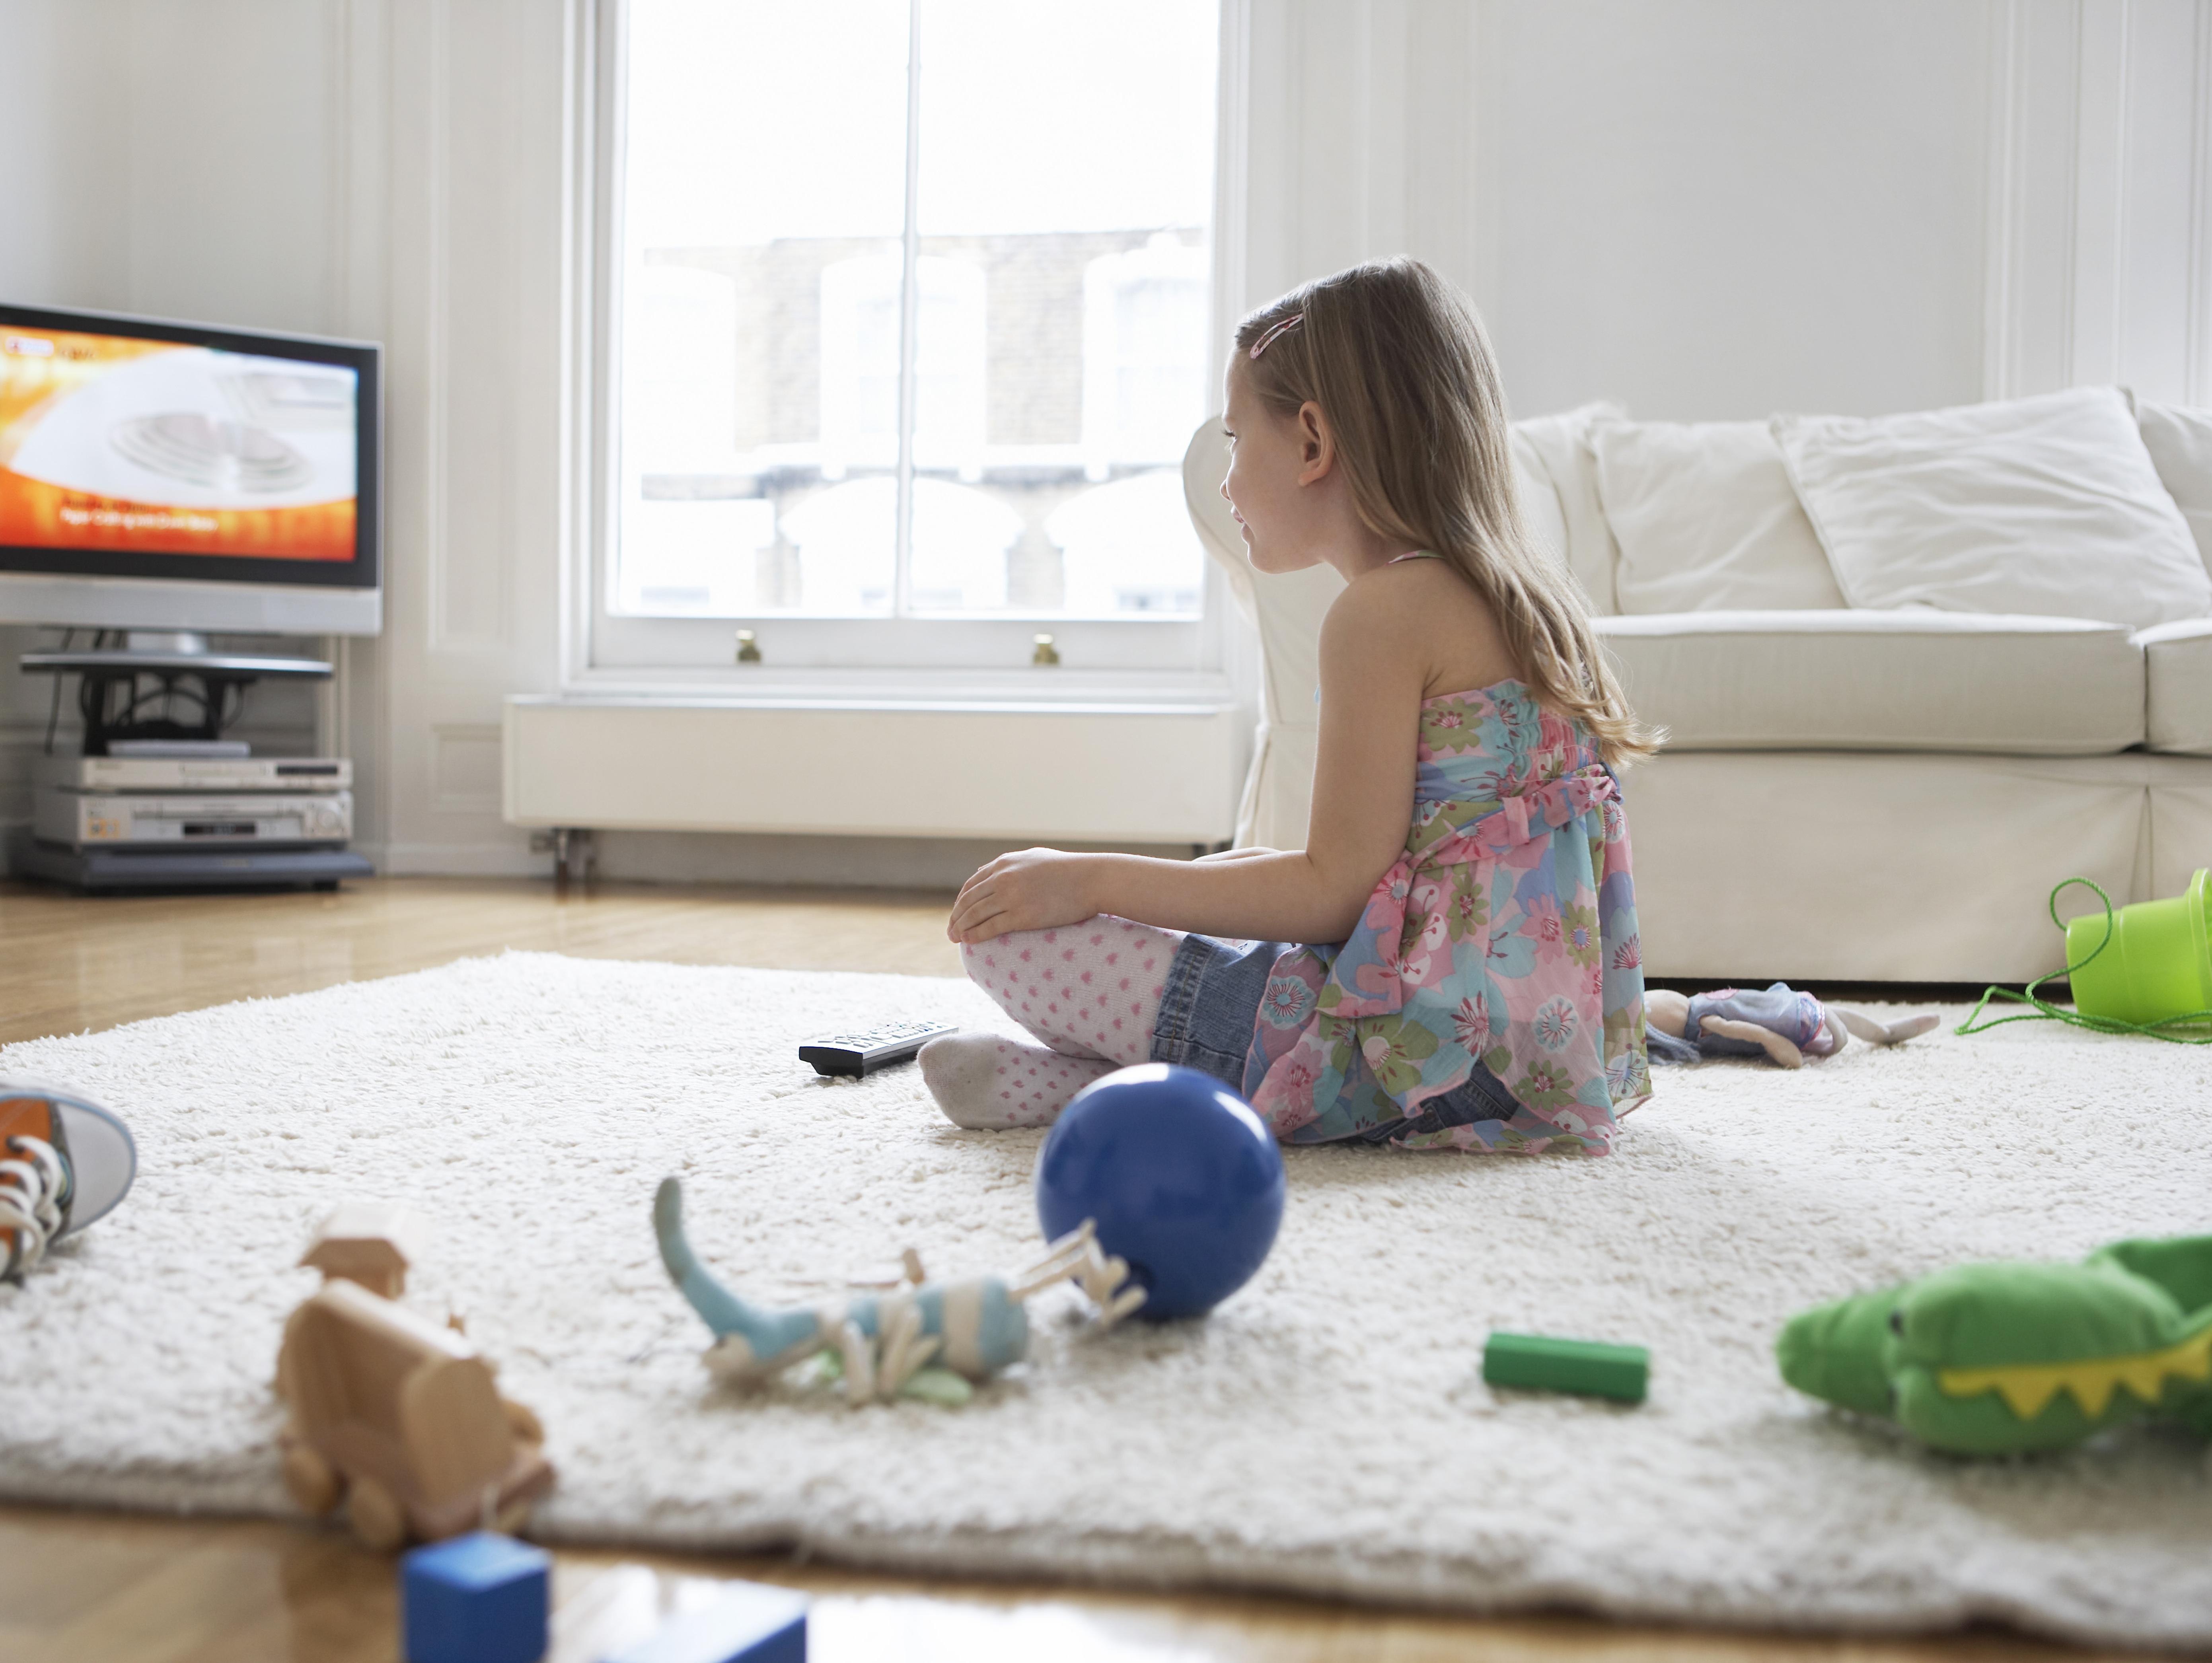 כששירותי הלווין יחשיכו את שידוריהם: אלו שירותי ה-VOD שיהיו זמינים בכיפור